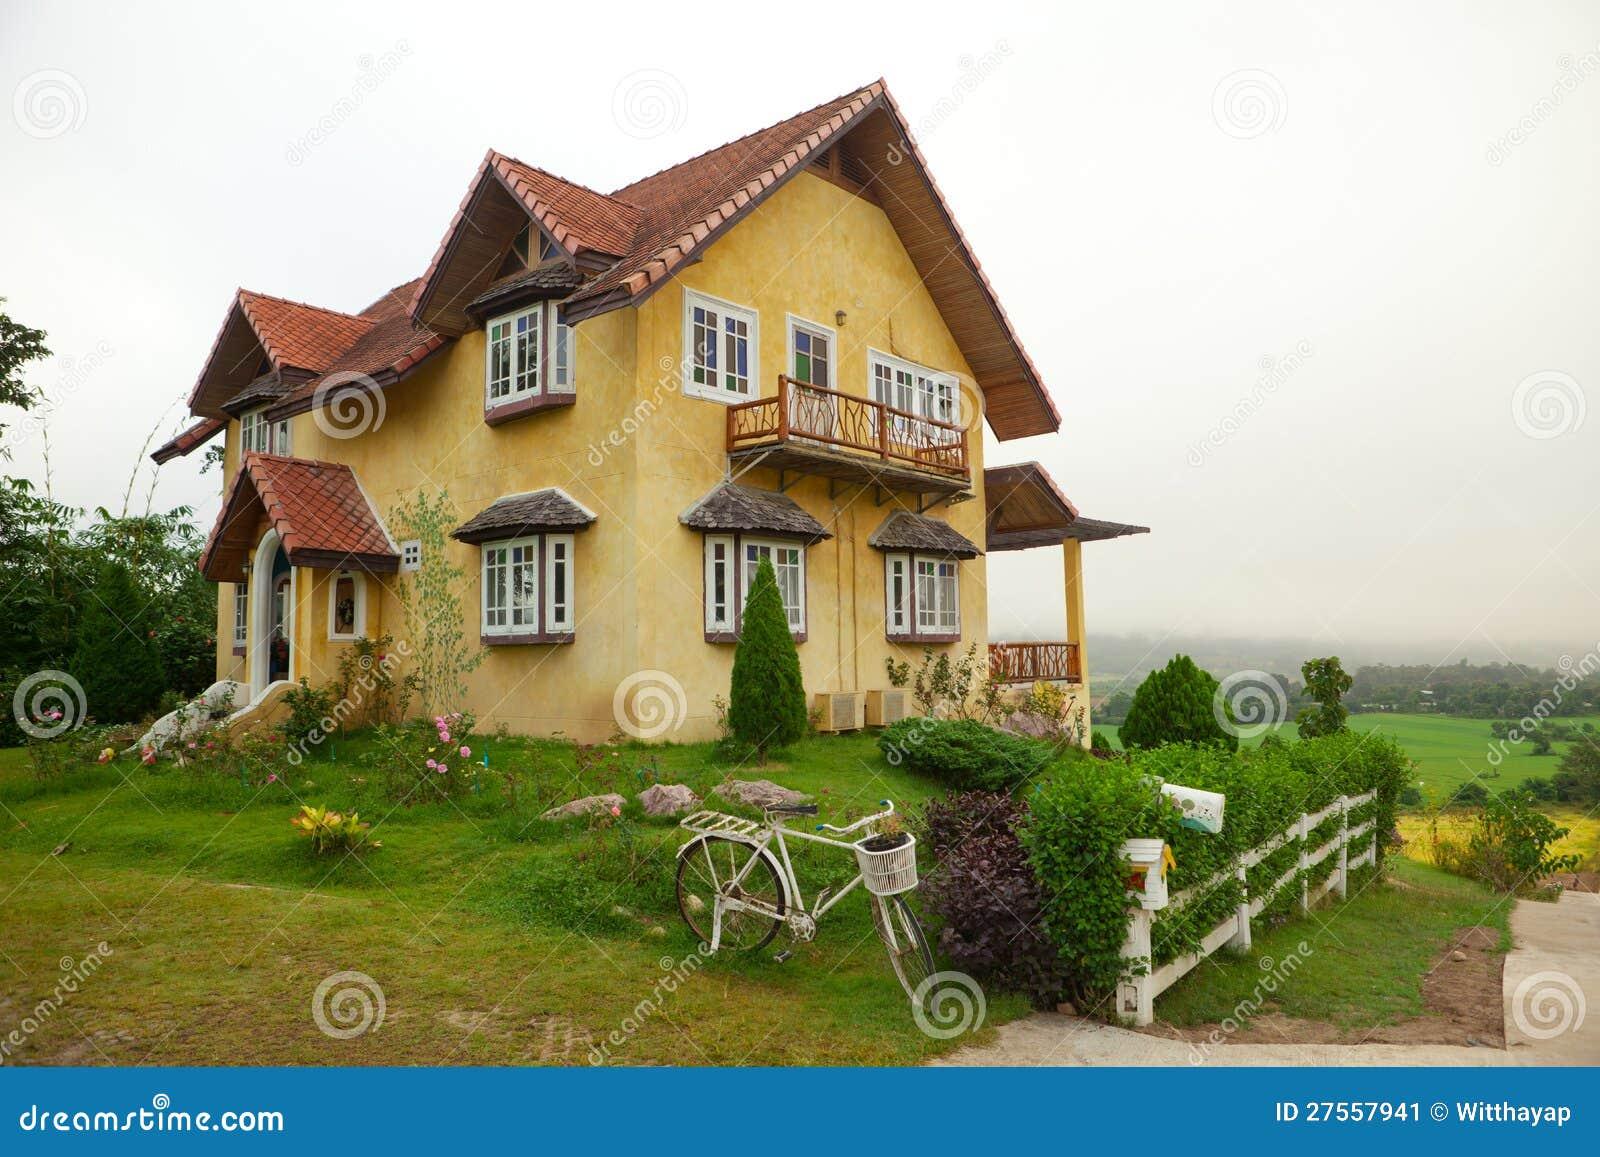 Europe style house stock image image 27557941 Europe style house